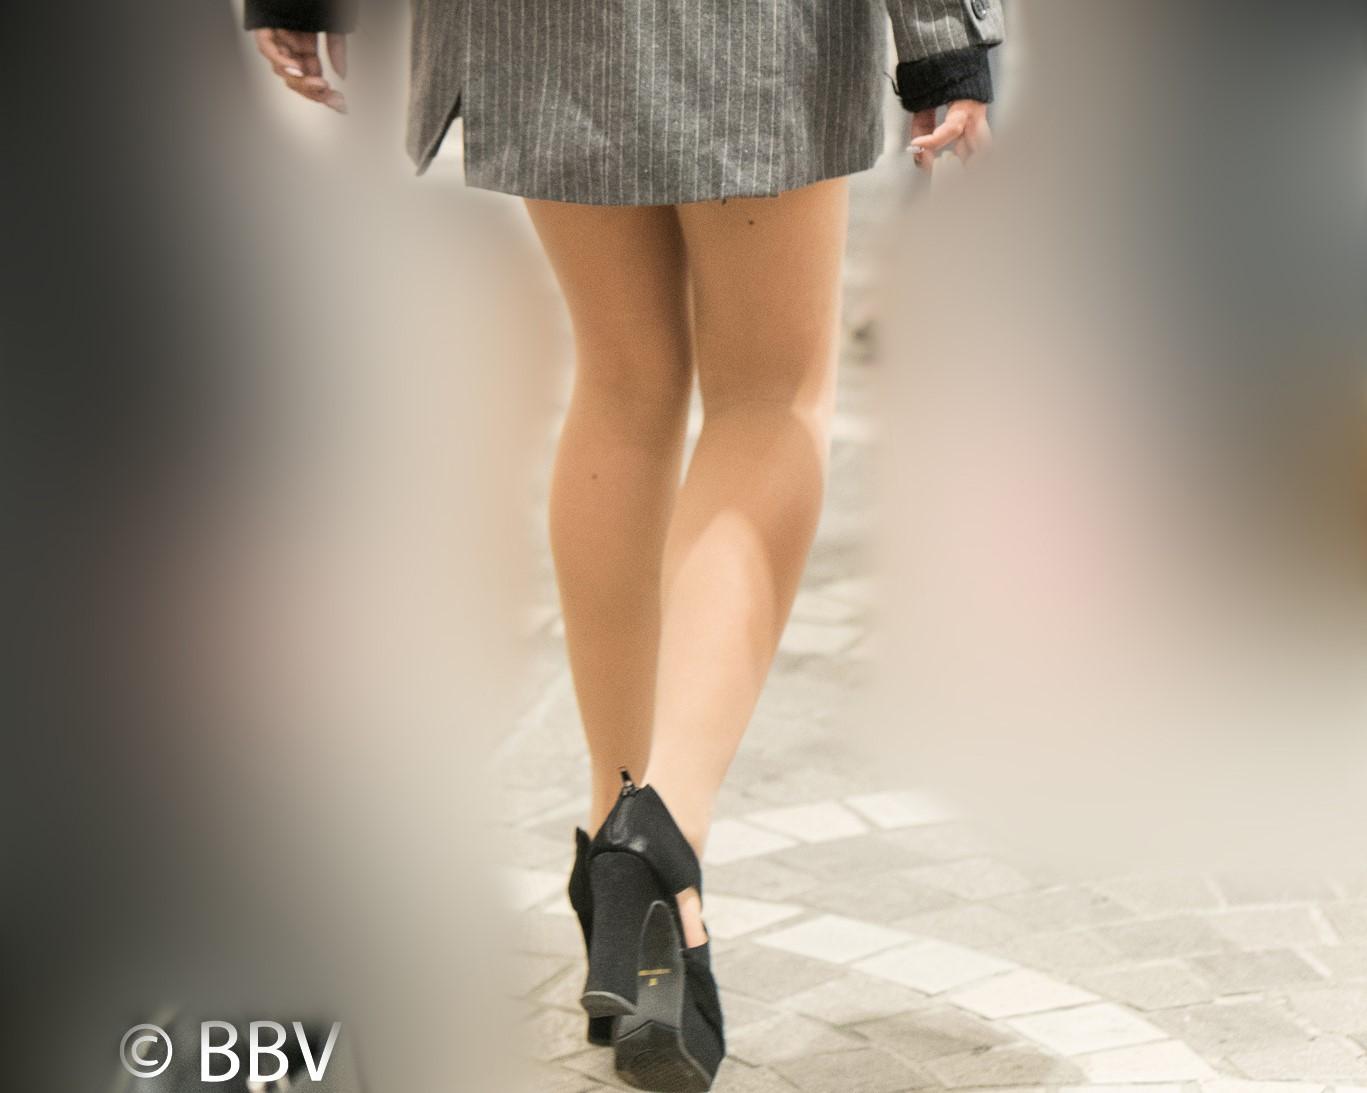 美脚自慢!ショートコートから覗くナチュスト脚が素晴らしいお嬢さん!